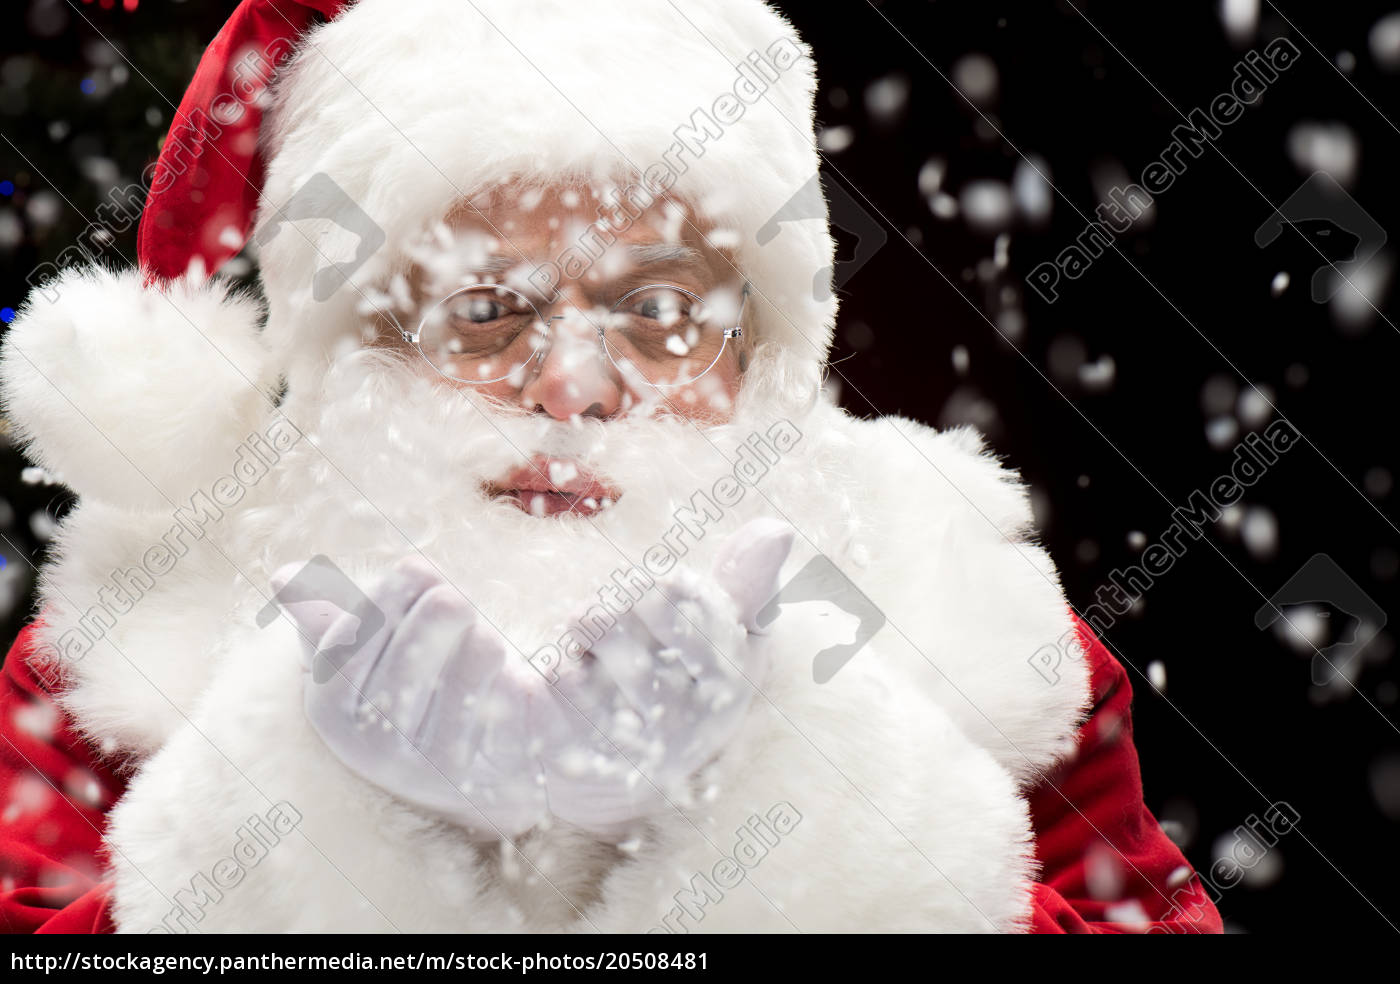 santa, claus, blowing, snowflakes - 20508481